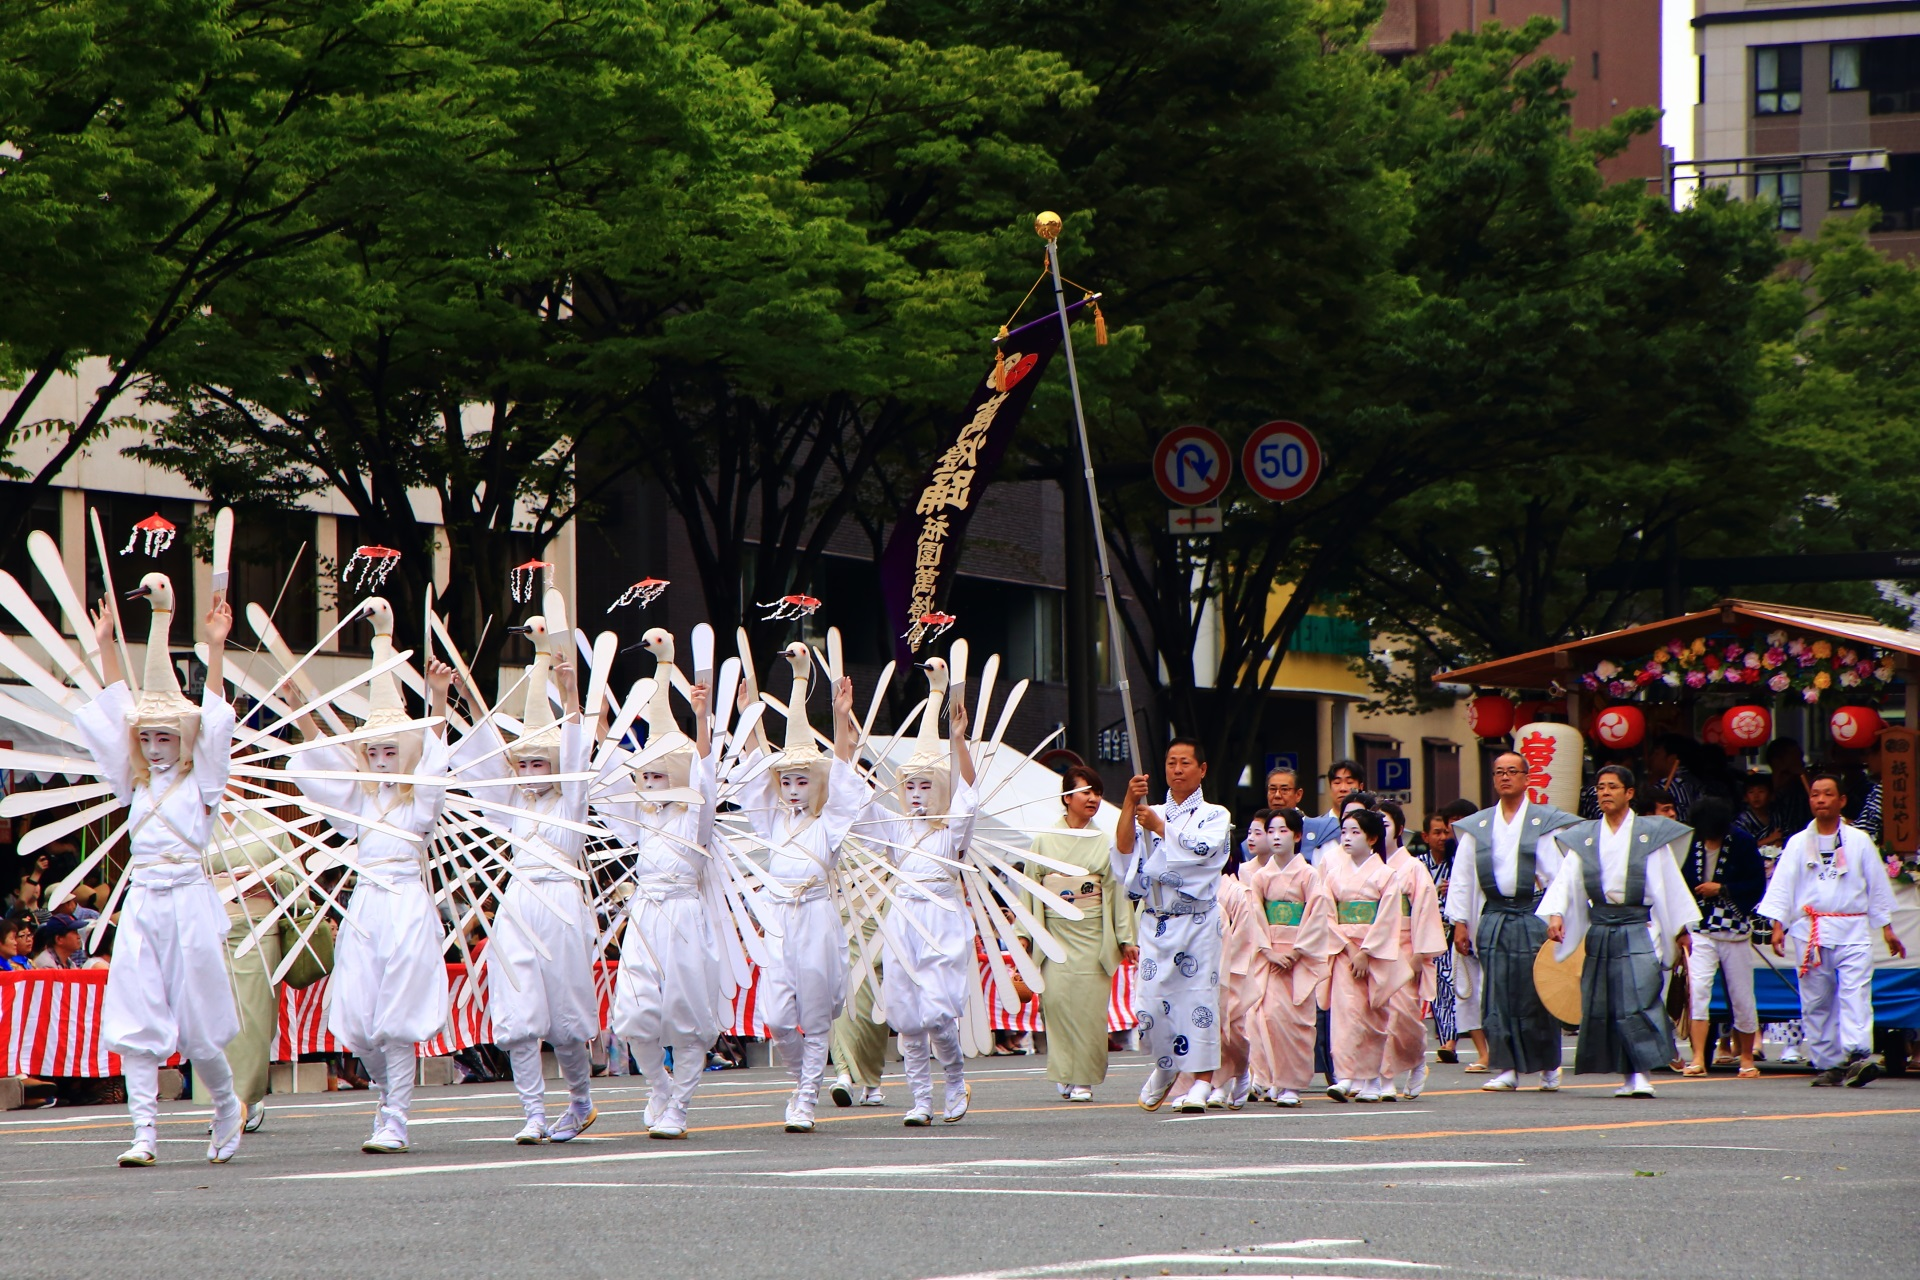 華やかさと賑やかさ 祇園祭の花傘巡行